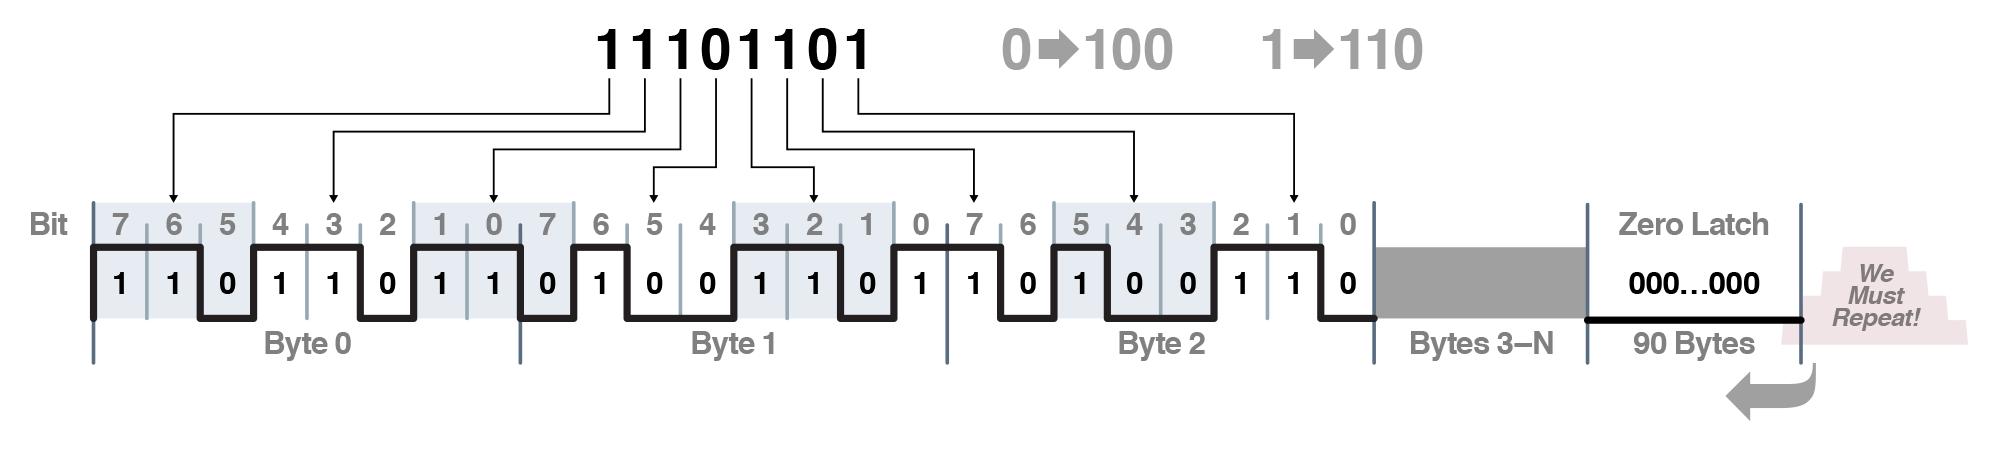 led_pixels_bit-expansion.png